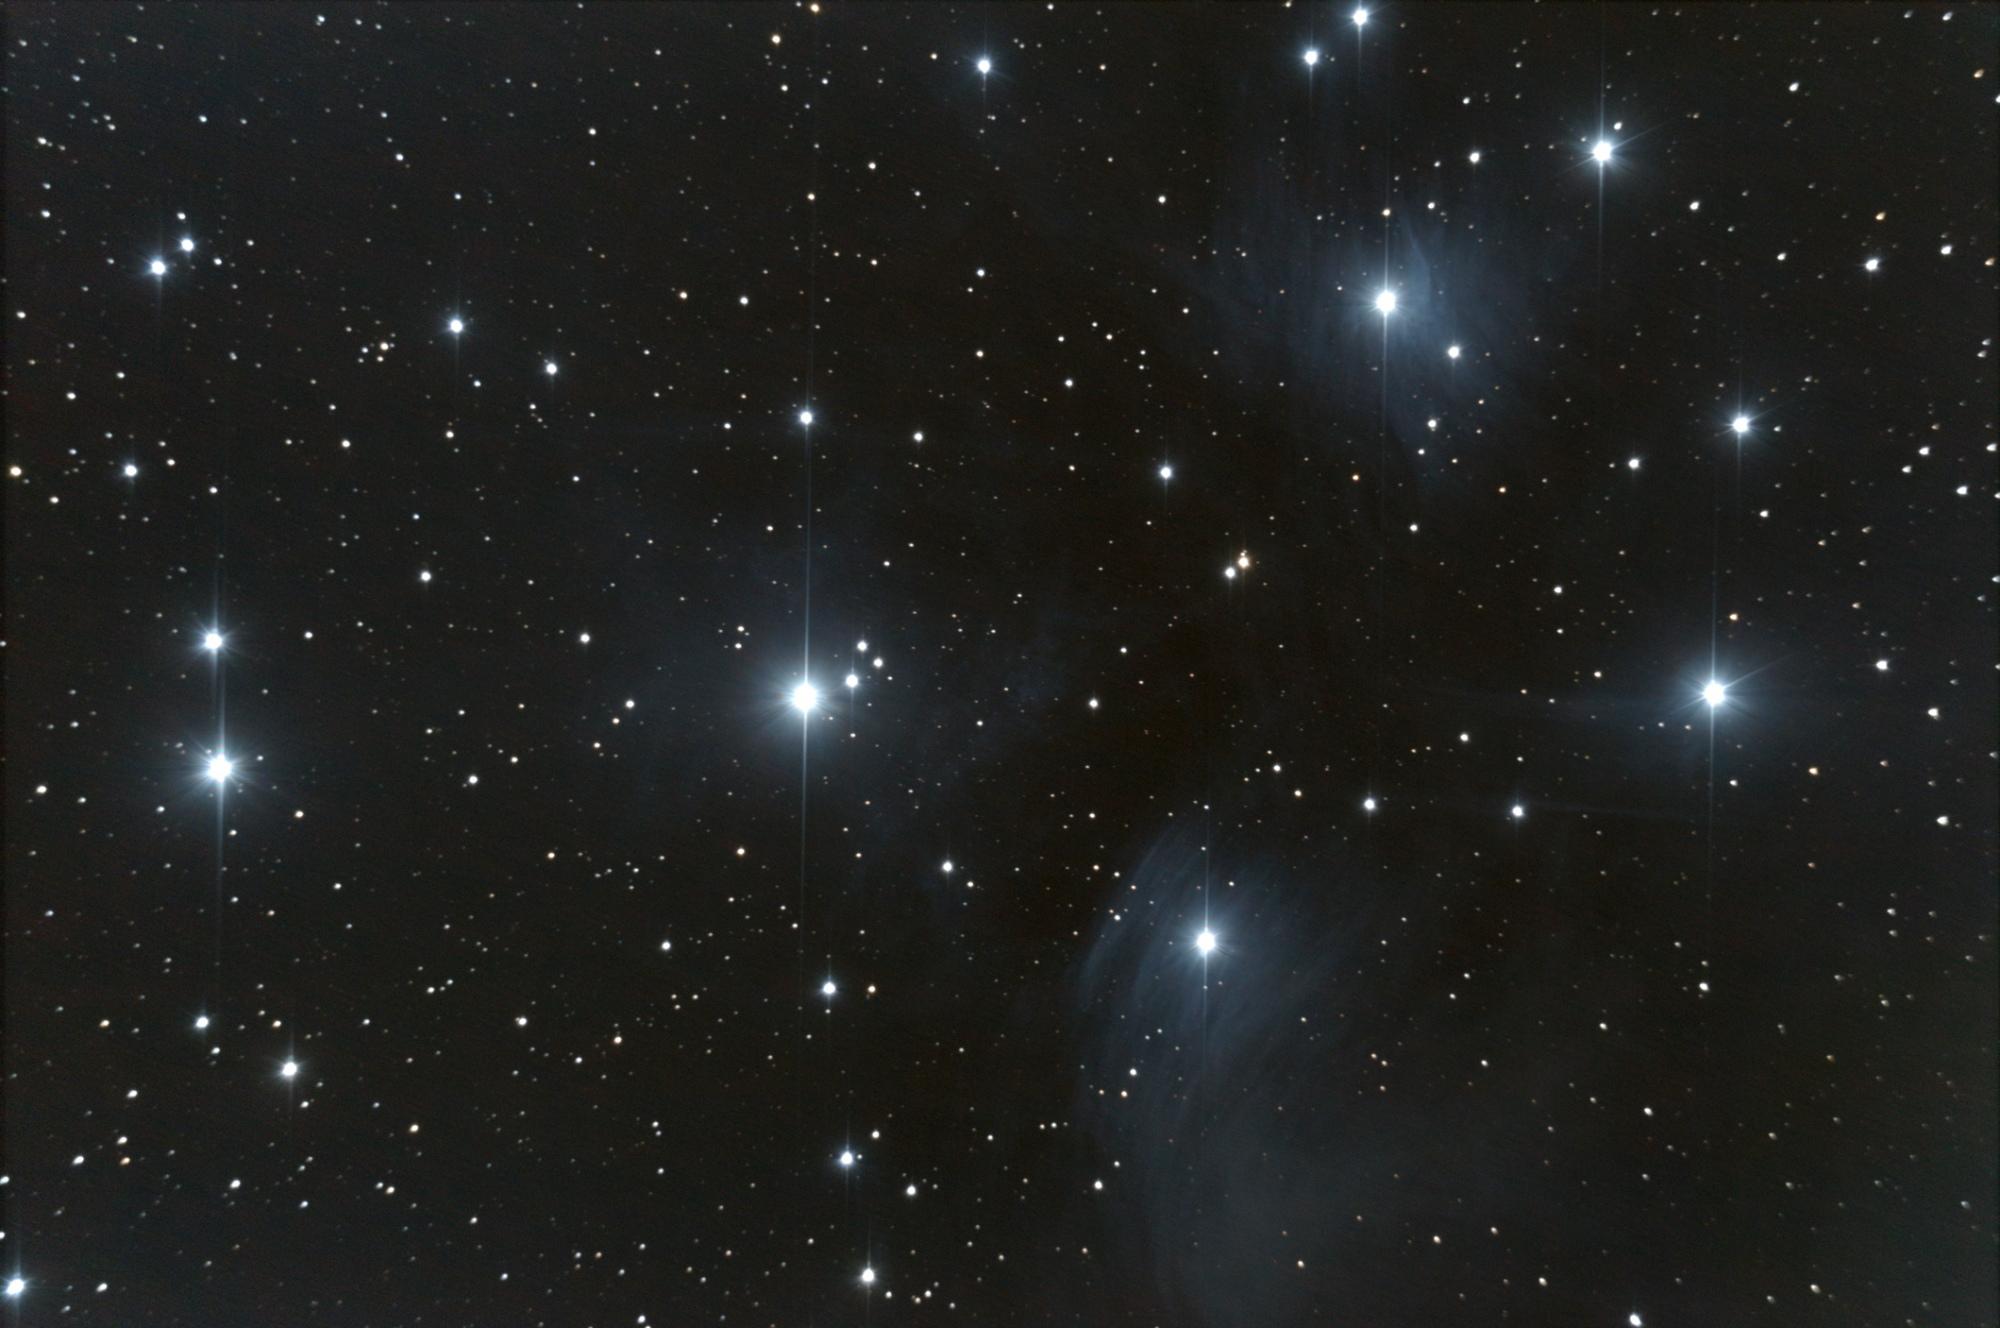 5e28ac1d2e7cf_pleiades20200121100x20s50pc.thumb.jpg.d9a44cd2f27d0947b65d60c3ead19cae.jpg